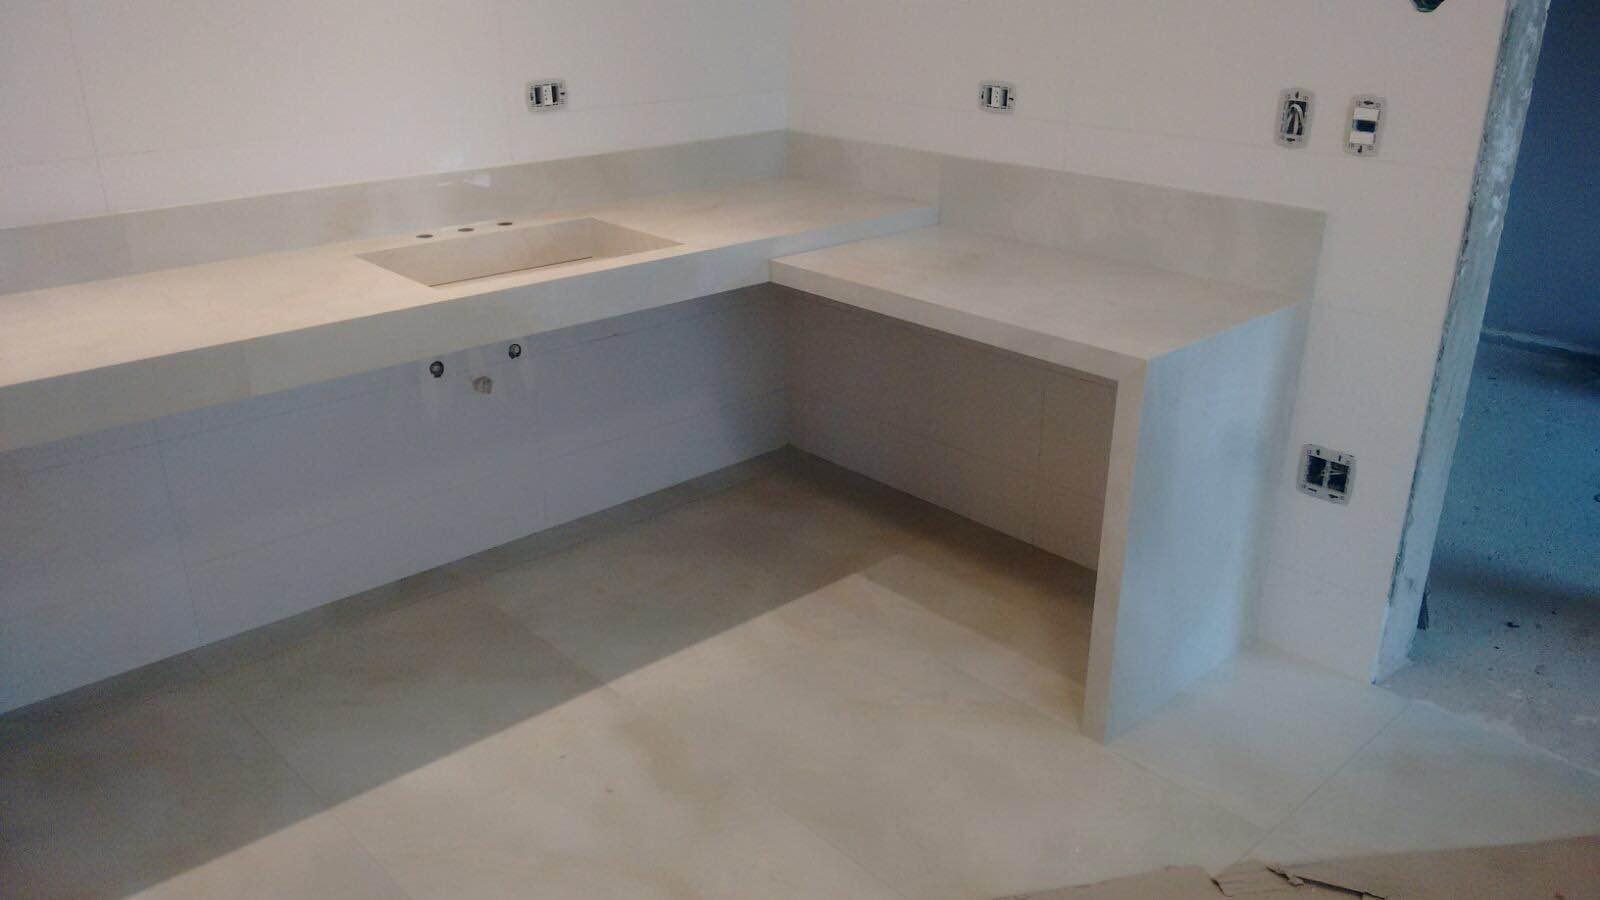 Bancadas revestimento de banheiras etc #2D4660 1600x900 Banheiro Bancada Porcelanato